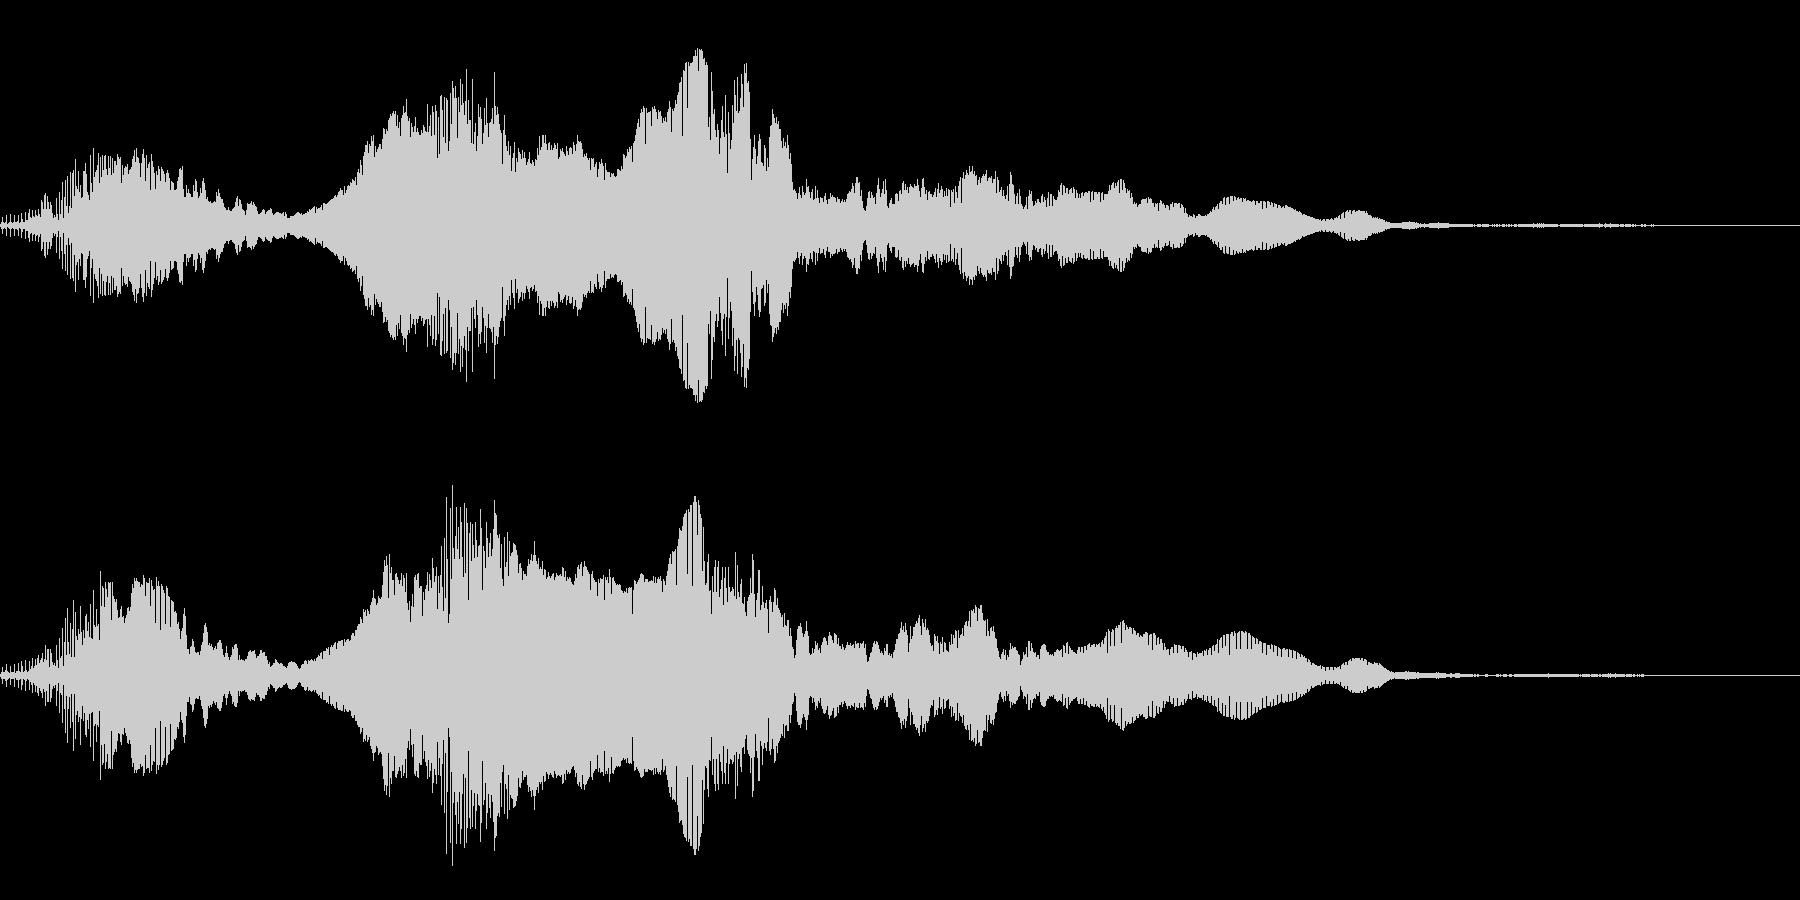 犬の鳴き声(キャイーン)の未再生の波形